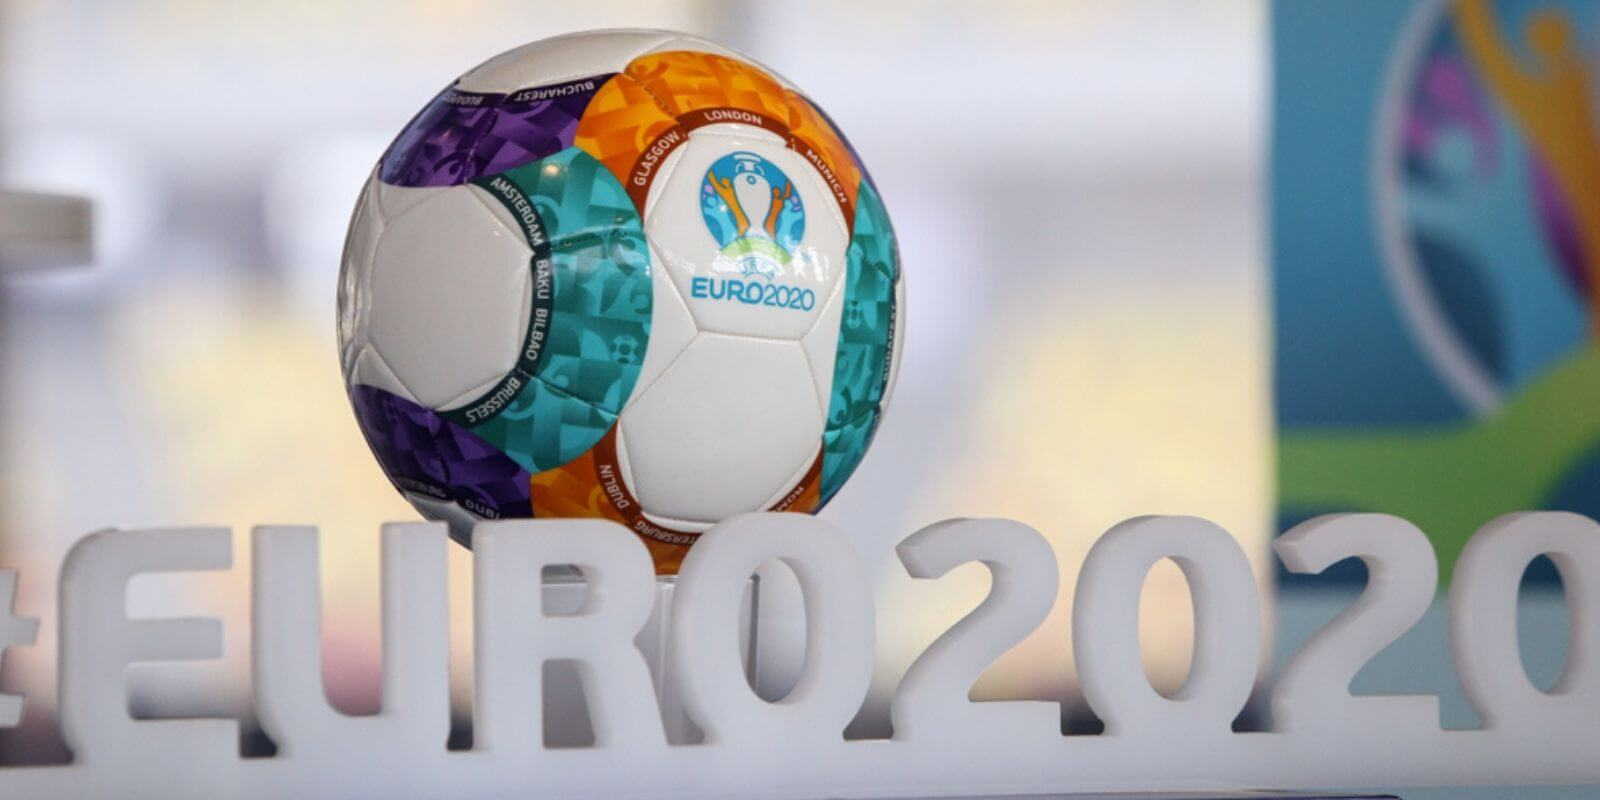 L'UEFA distribuera 1 million de tickets pour l'Euro 2020 grâce à la blockchain